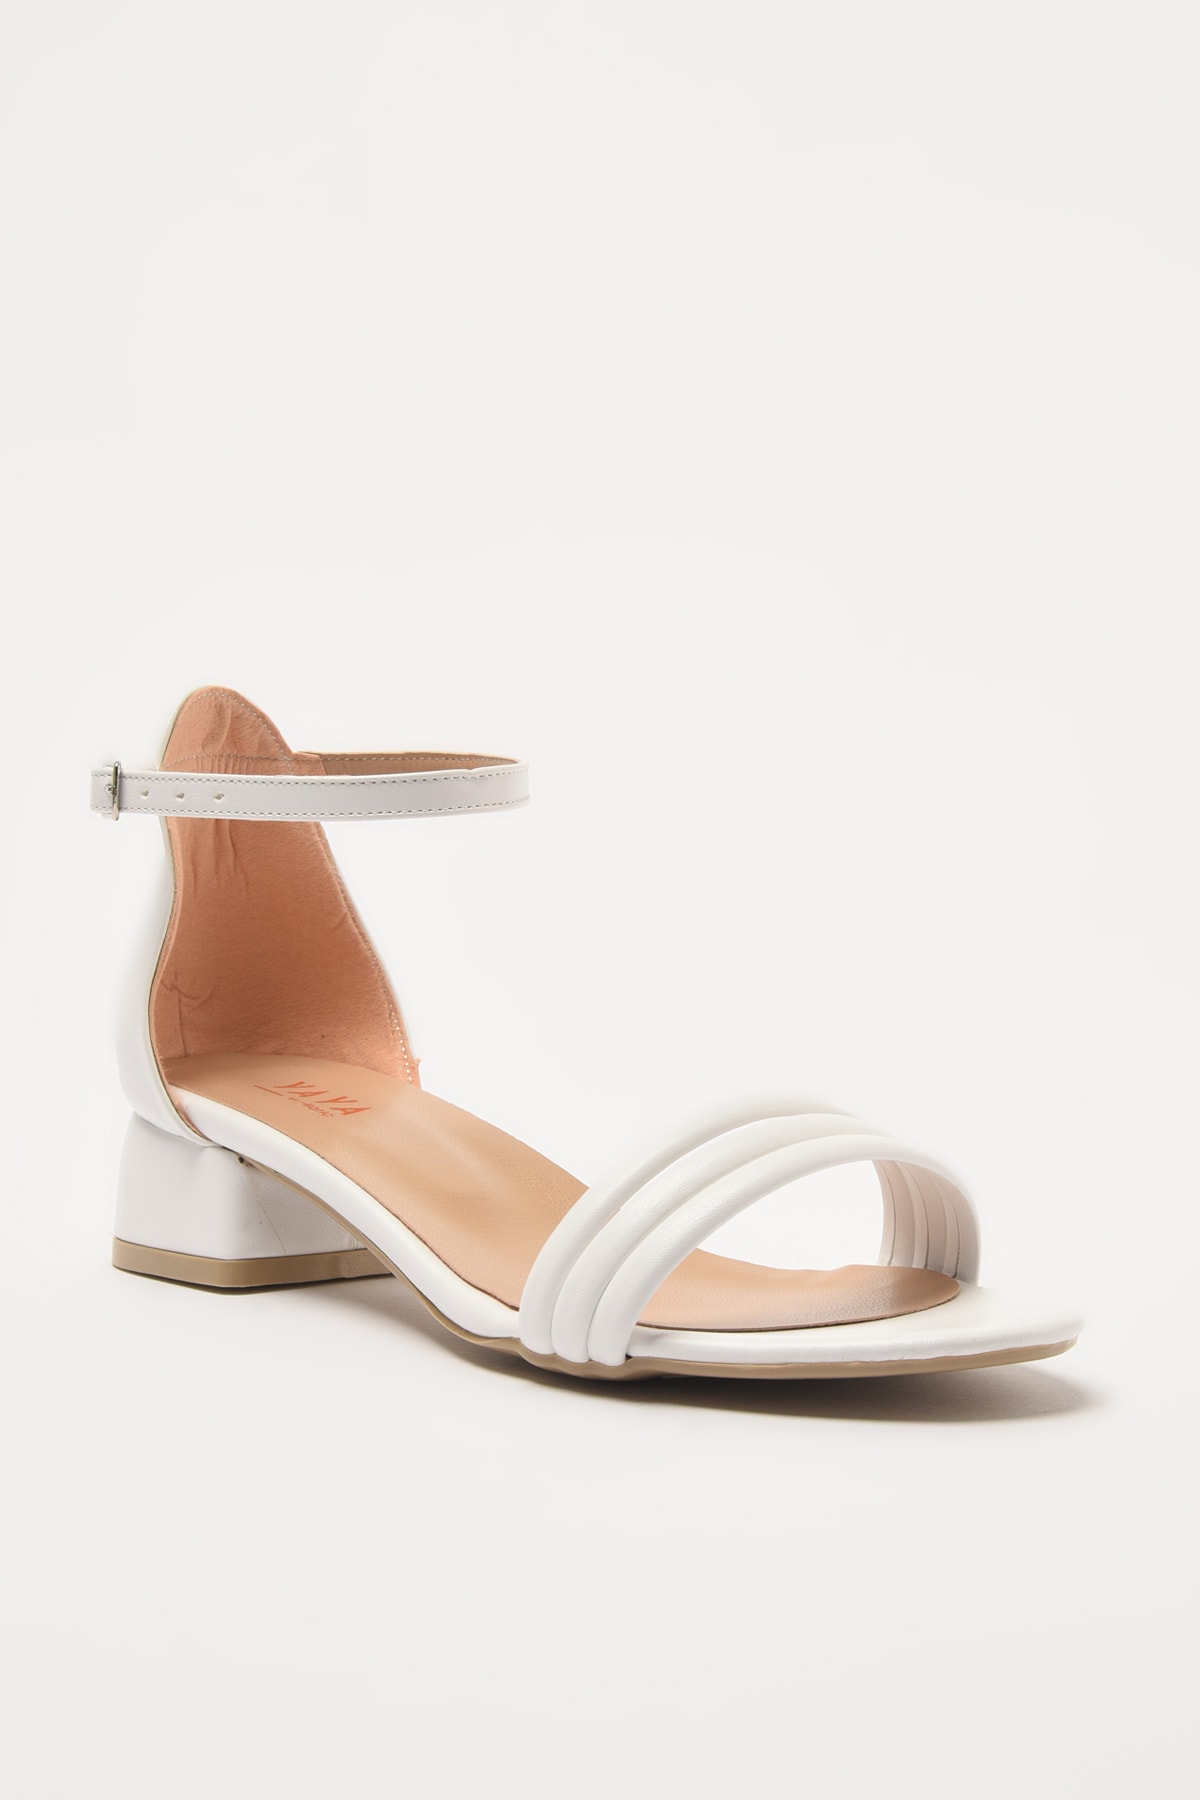 Yaya  by Hotiç Beyaz Kadın Sandalet 01SAY209500A900 2